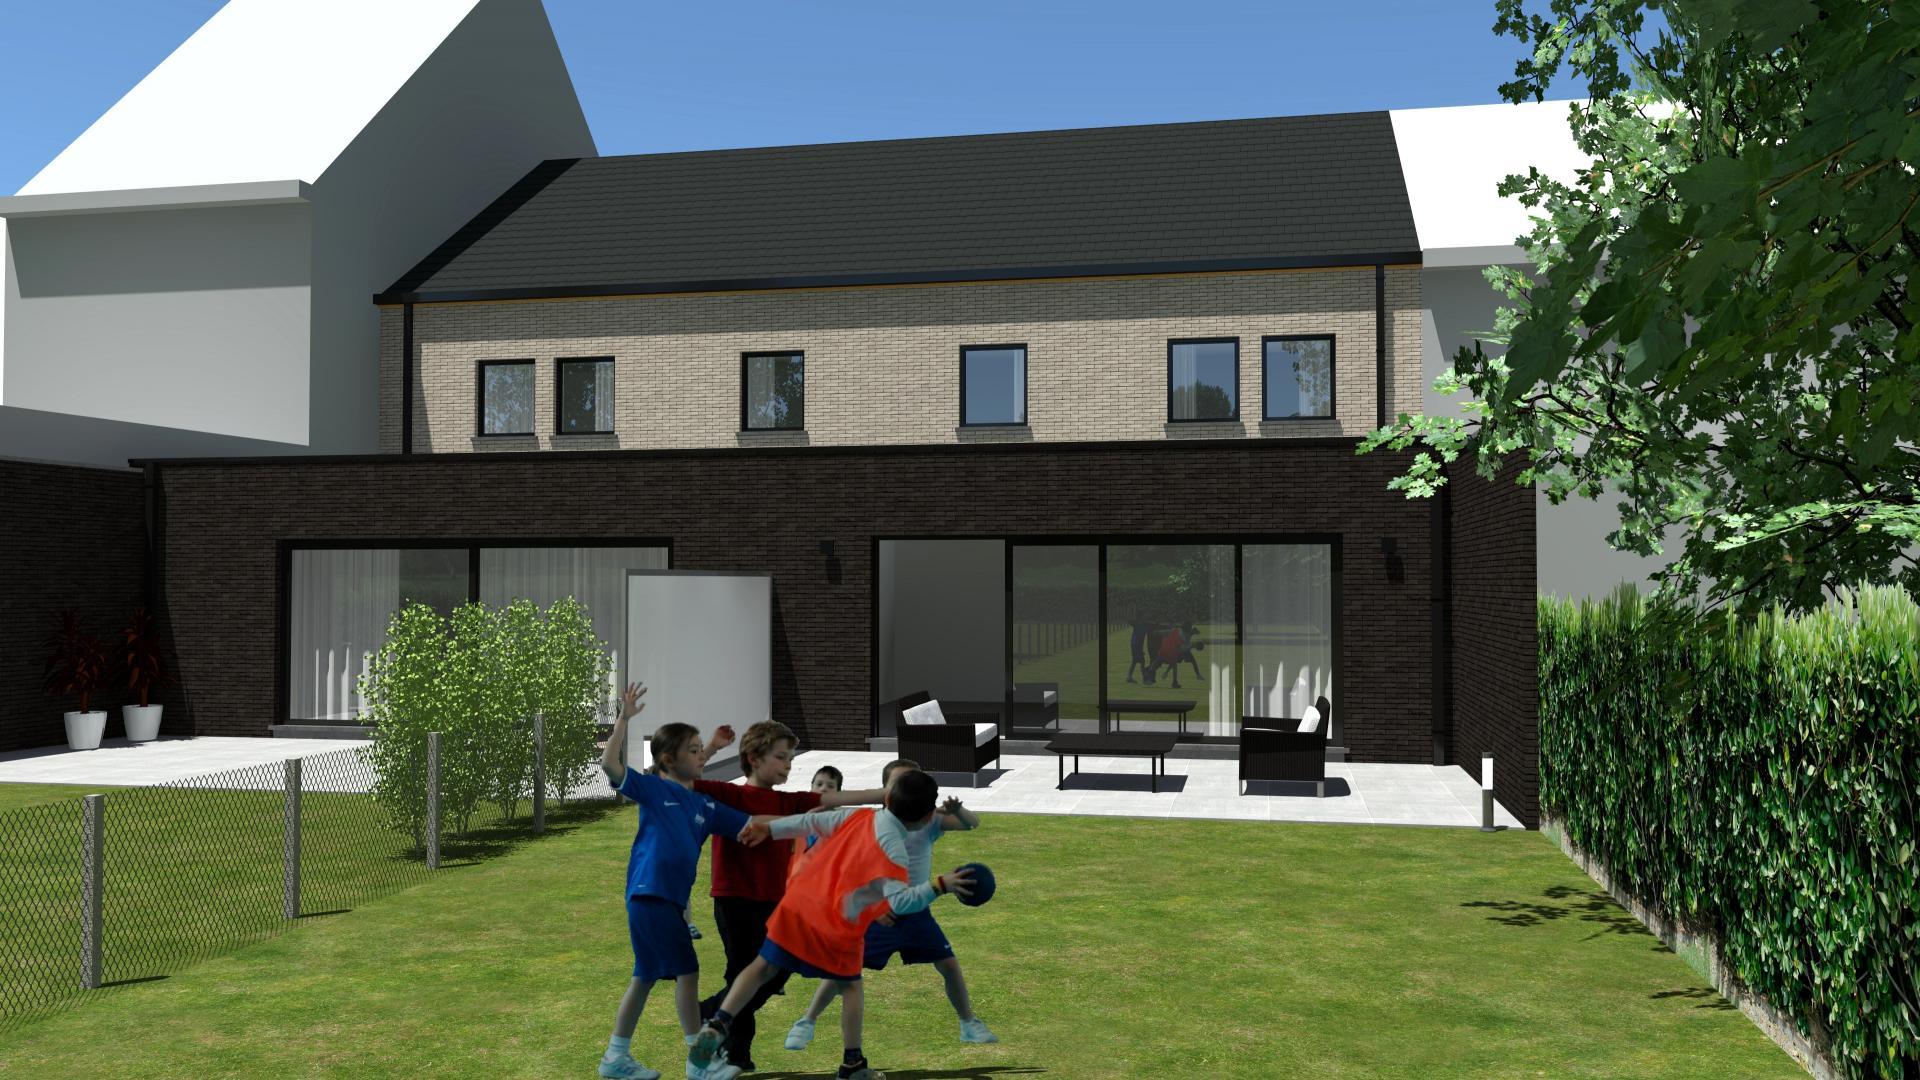 Gunstig gelegen en ruime nieuwbouwwoning met 3 slaapkamers, tuin en garage.